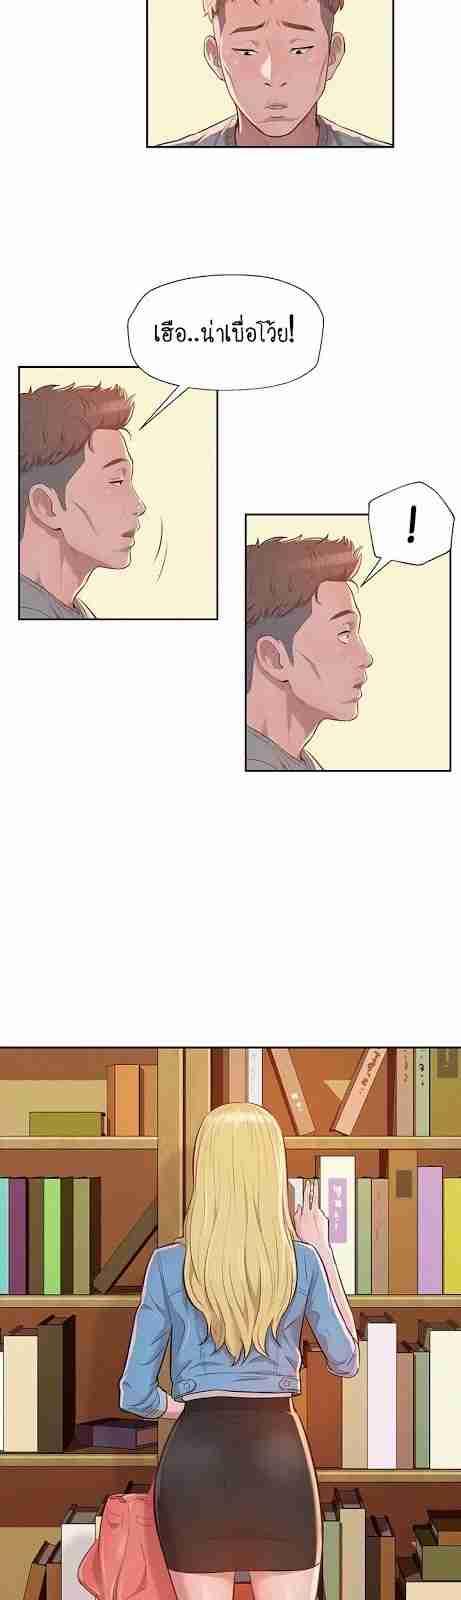 โดจิน Doujin รับน้องใหม่ของนายไก่อ่อน(8)13